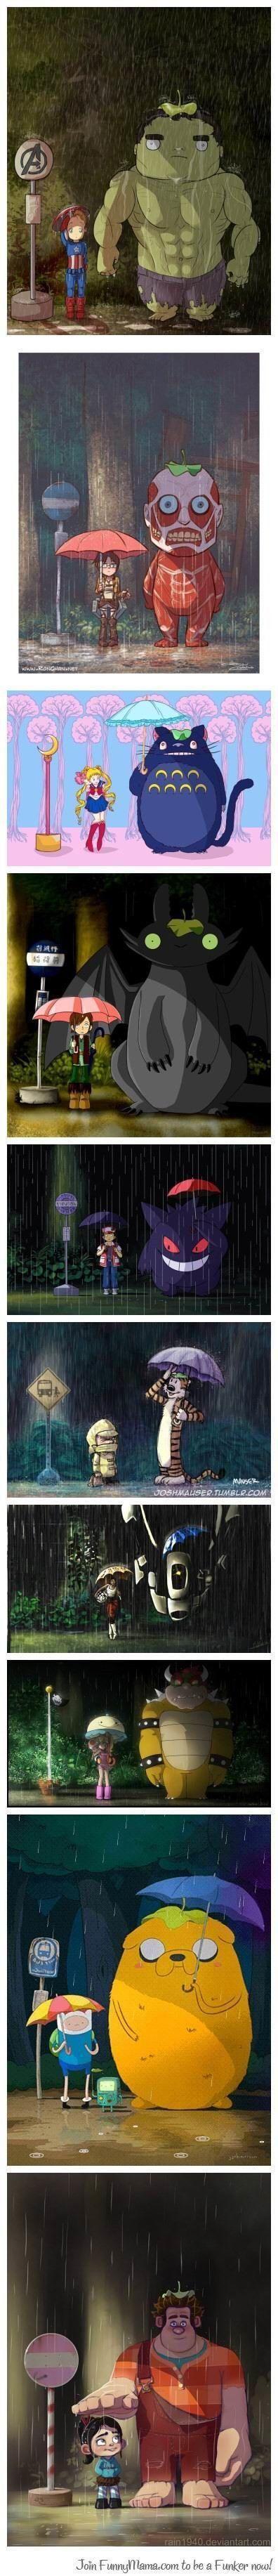 El paradero de Mi Vecino Totoro es un clásico del cine, una escena que de tan reconocible, se transformó en un símbolo que evoluciona y crece por sí mismo.